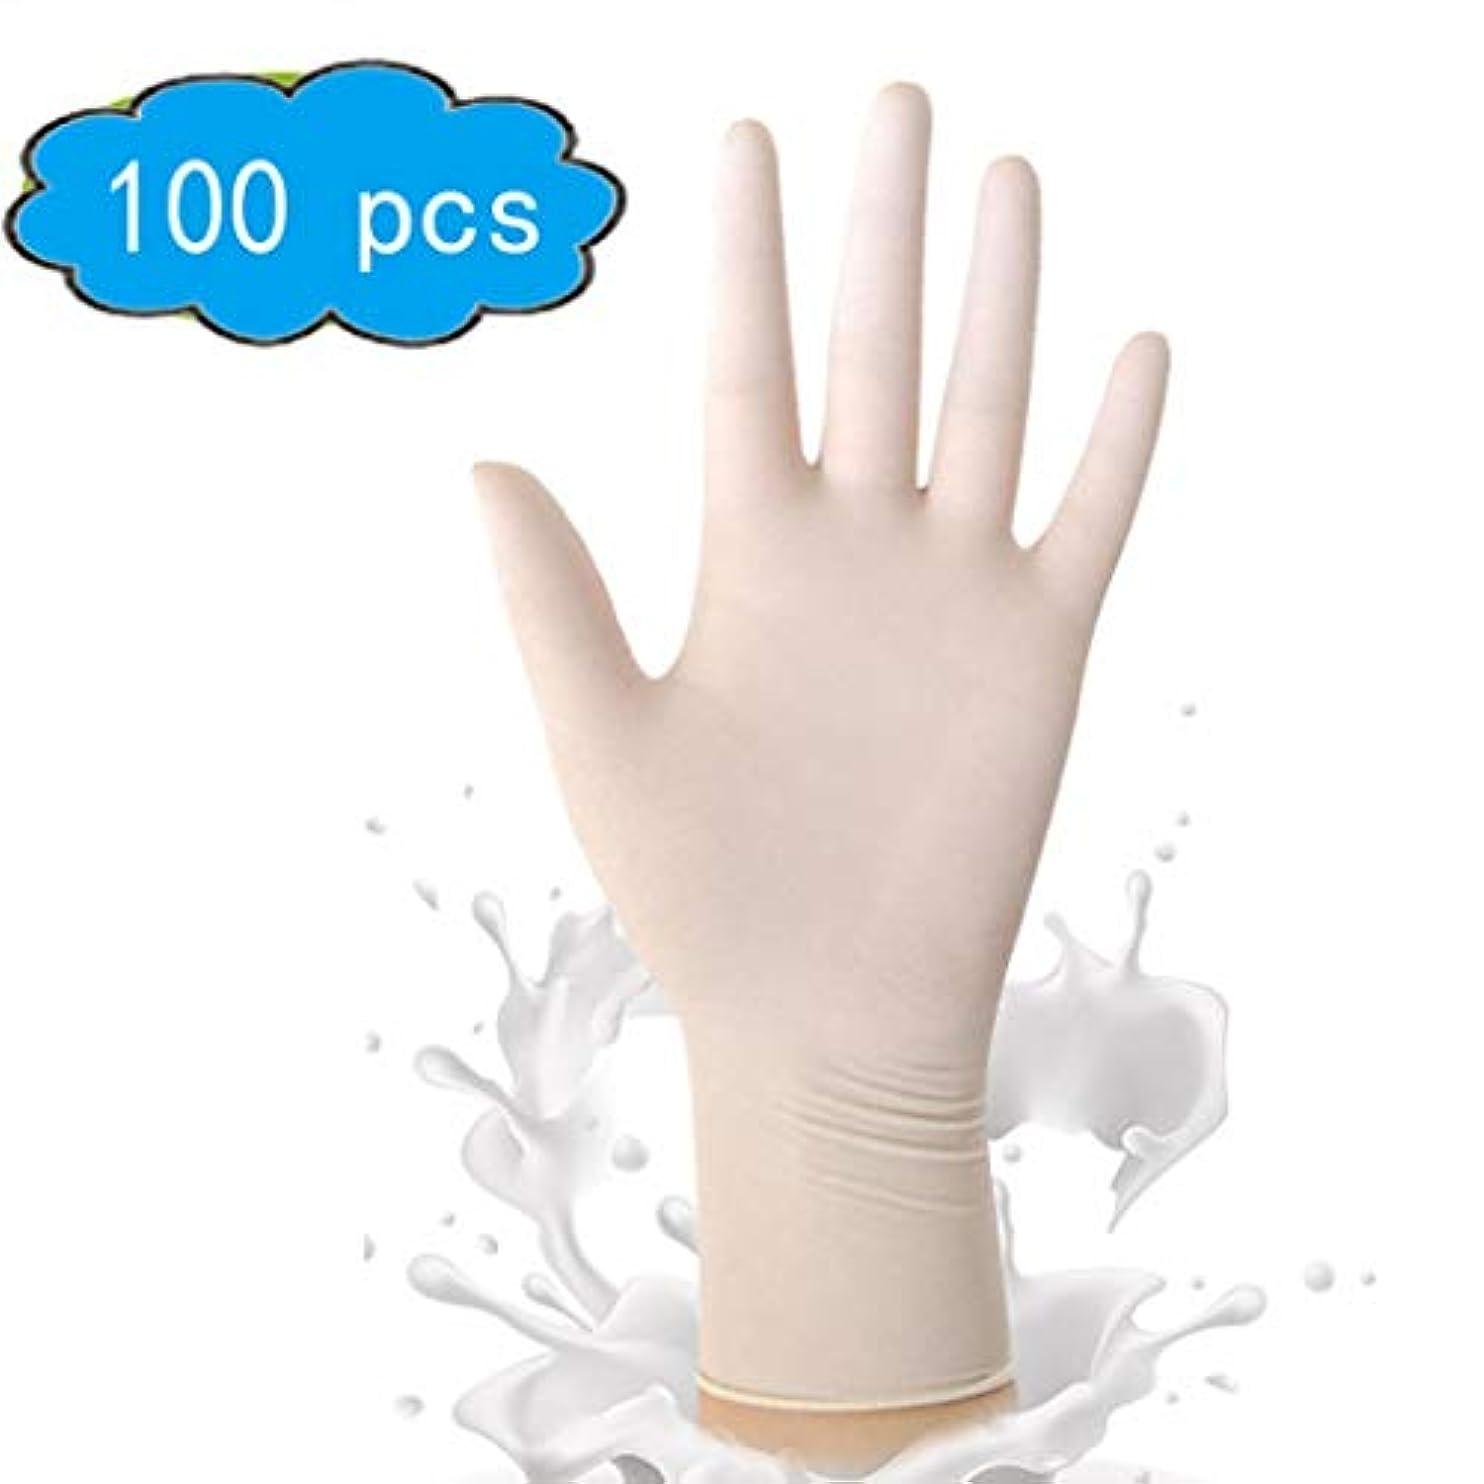 カッターラウズリビングルーム使い捨てラテックス手袋-医療用グレード、パウダーフリー、ラテックスゴムフリー、使い捨て、非滅菌、食品安全、テクスチャー、白色、厚く、100個入り、サイズ大、衛生手袋 (Color : White, Size : S)